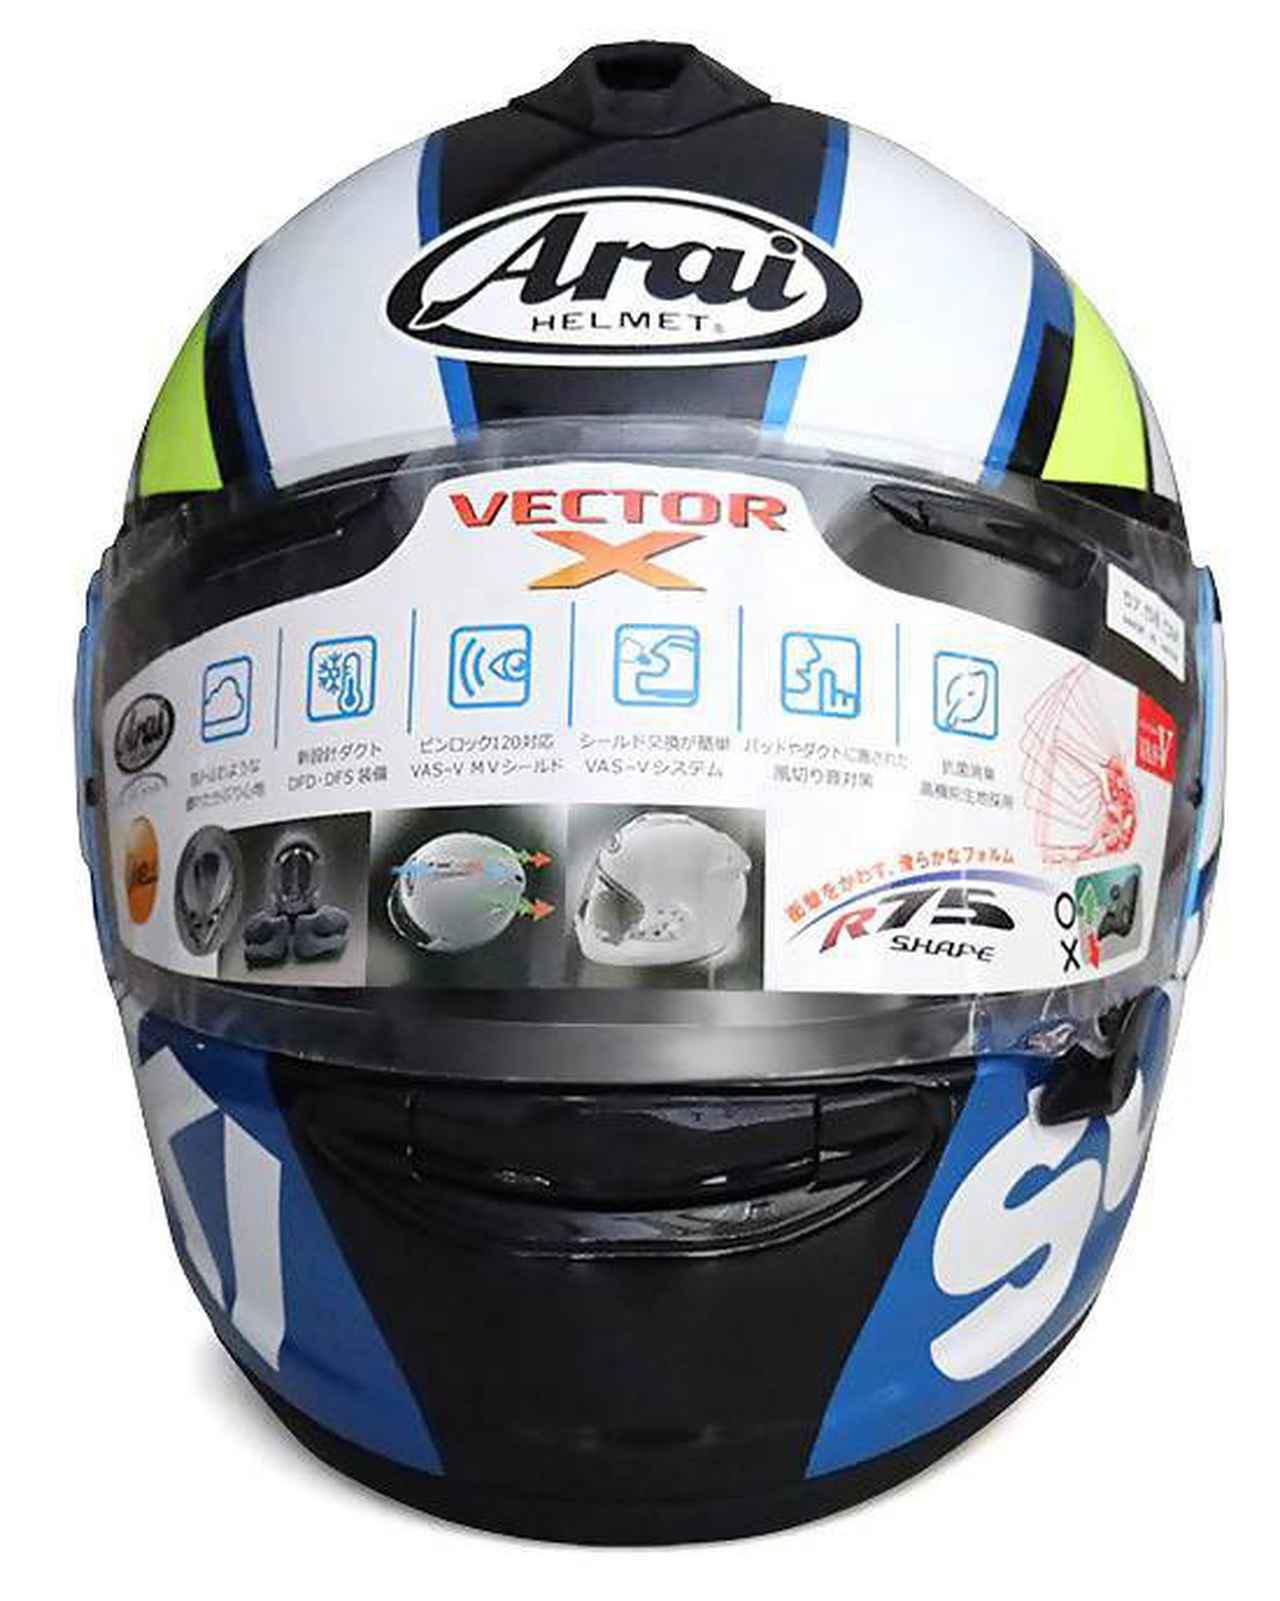 画像1: 【用品】100周年記念カラーの『GSX-R1000R/GSX-R125』に乗ってる人は特に注目! MotoGP『チーム・スズキ・エクスター』のライダーなりきりヘルメットです 【寝ても覚めてもスズキのバイク!/GPカラー ヘルメット 編】